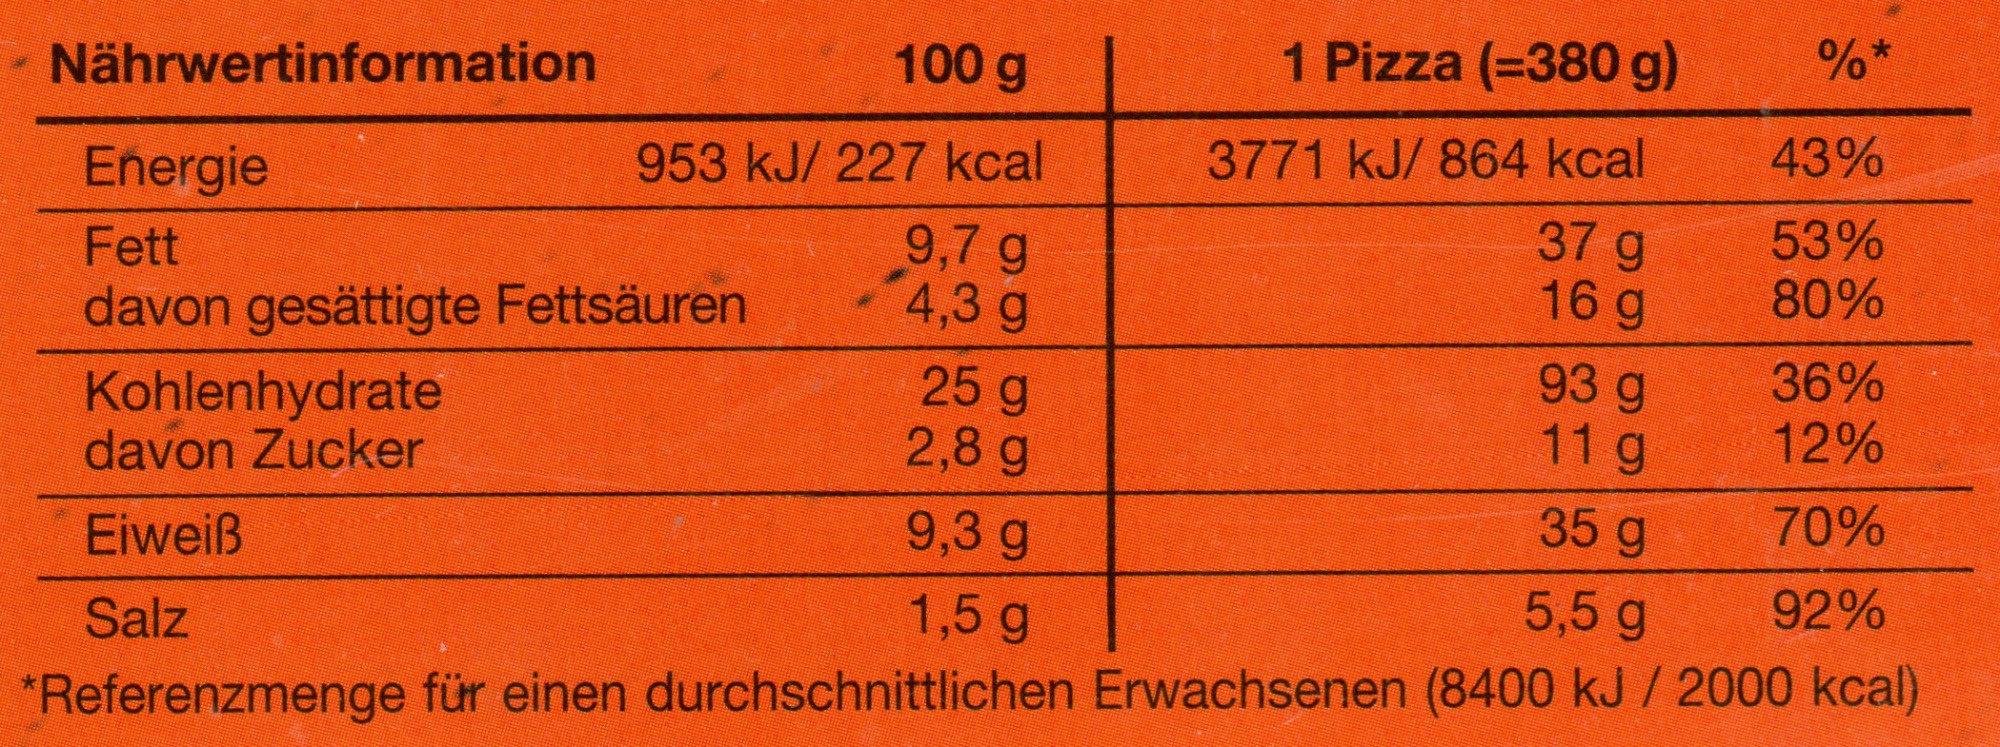 Veggie Pizza Die Zarte - Nutrition facts